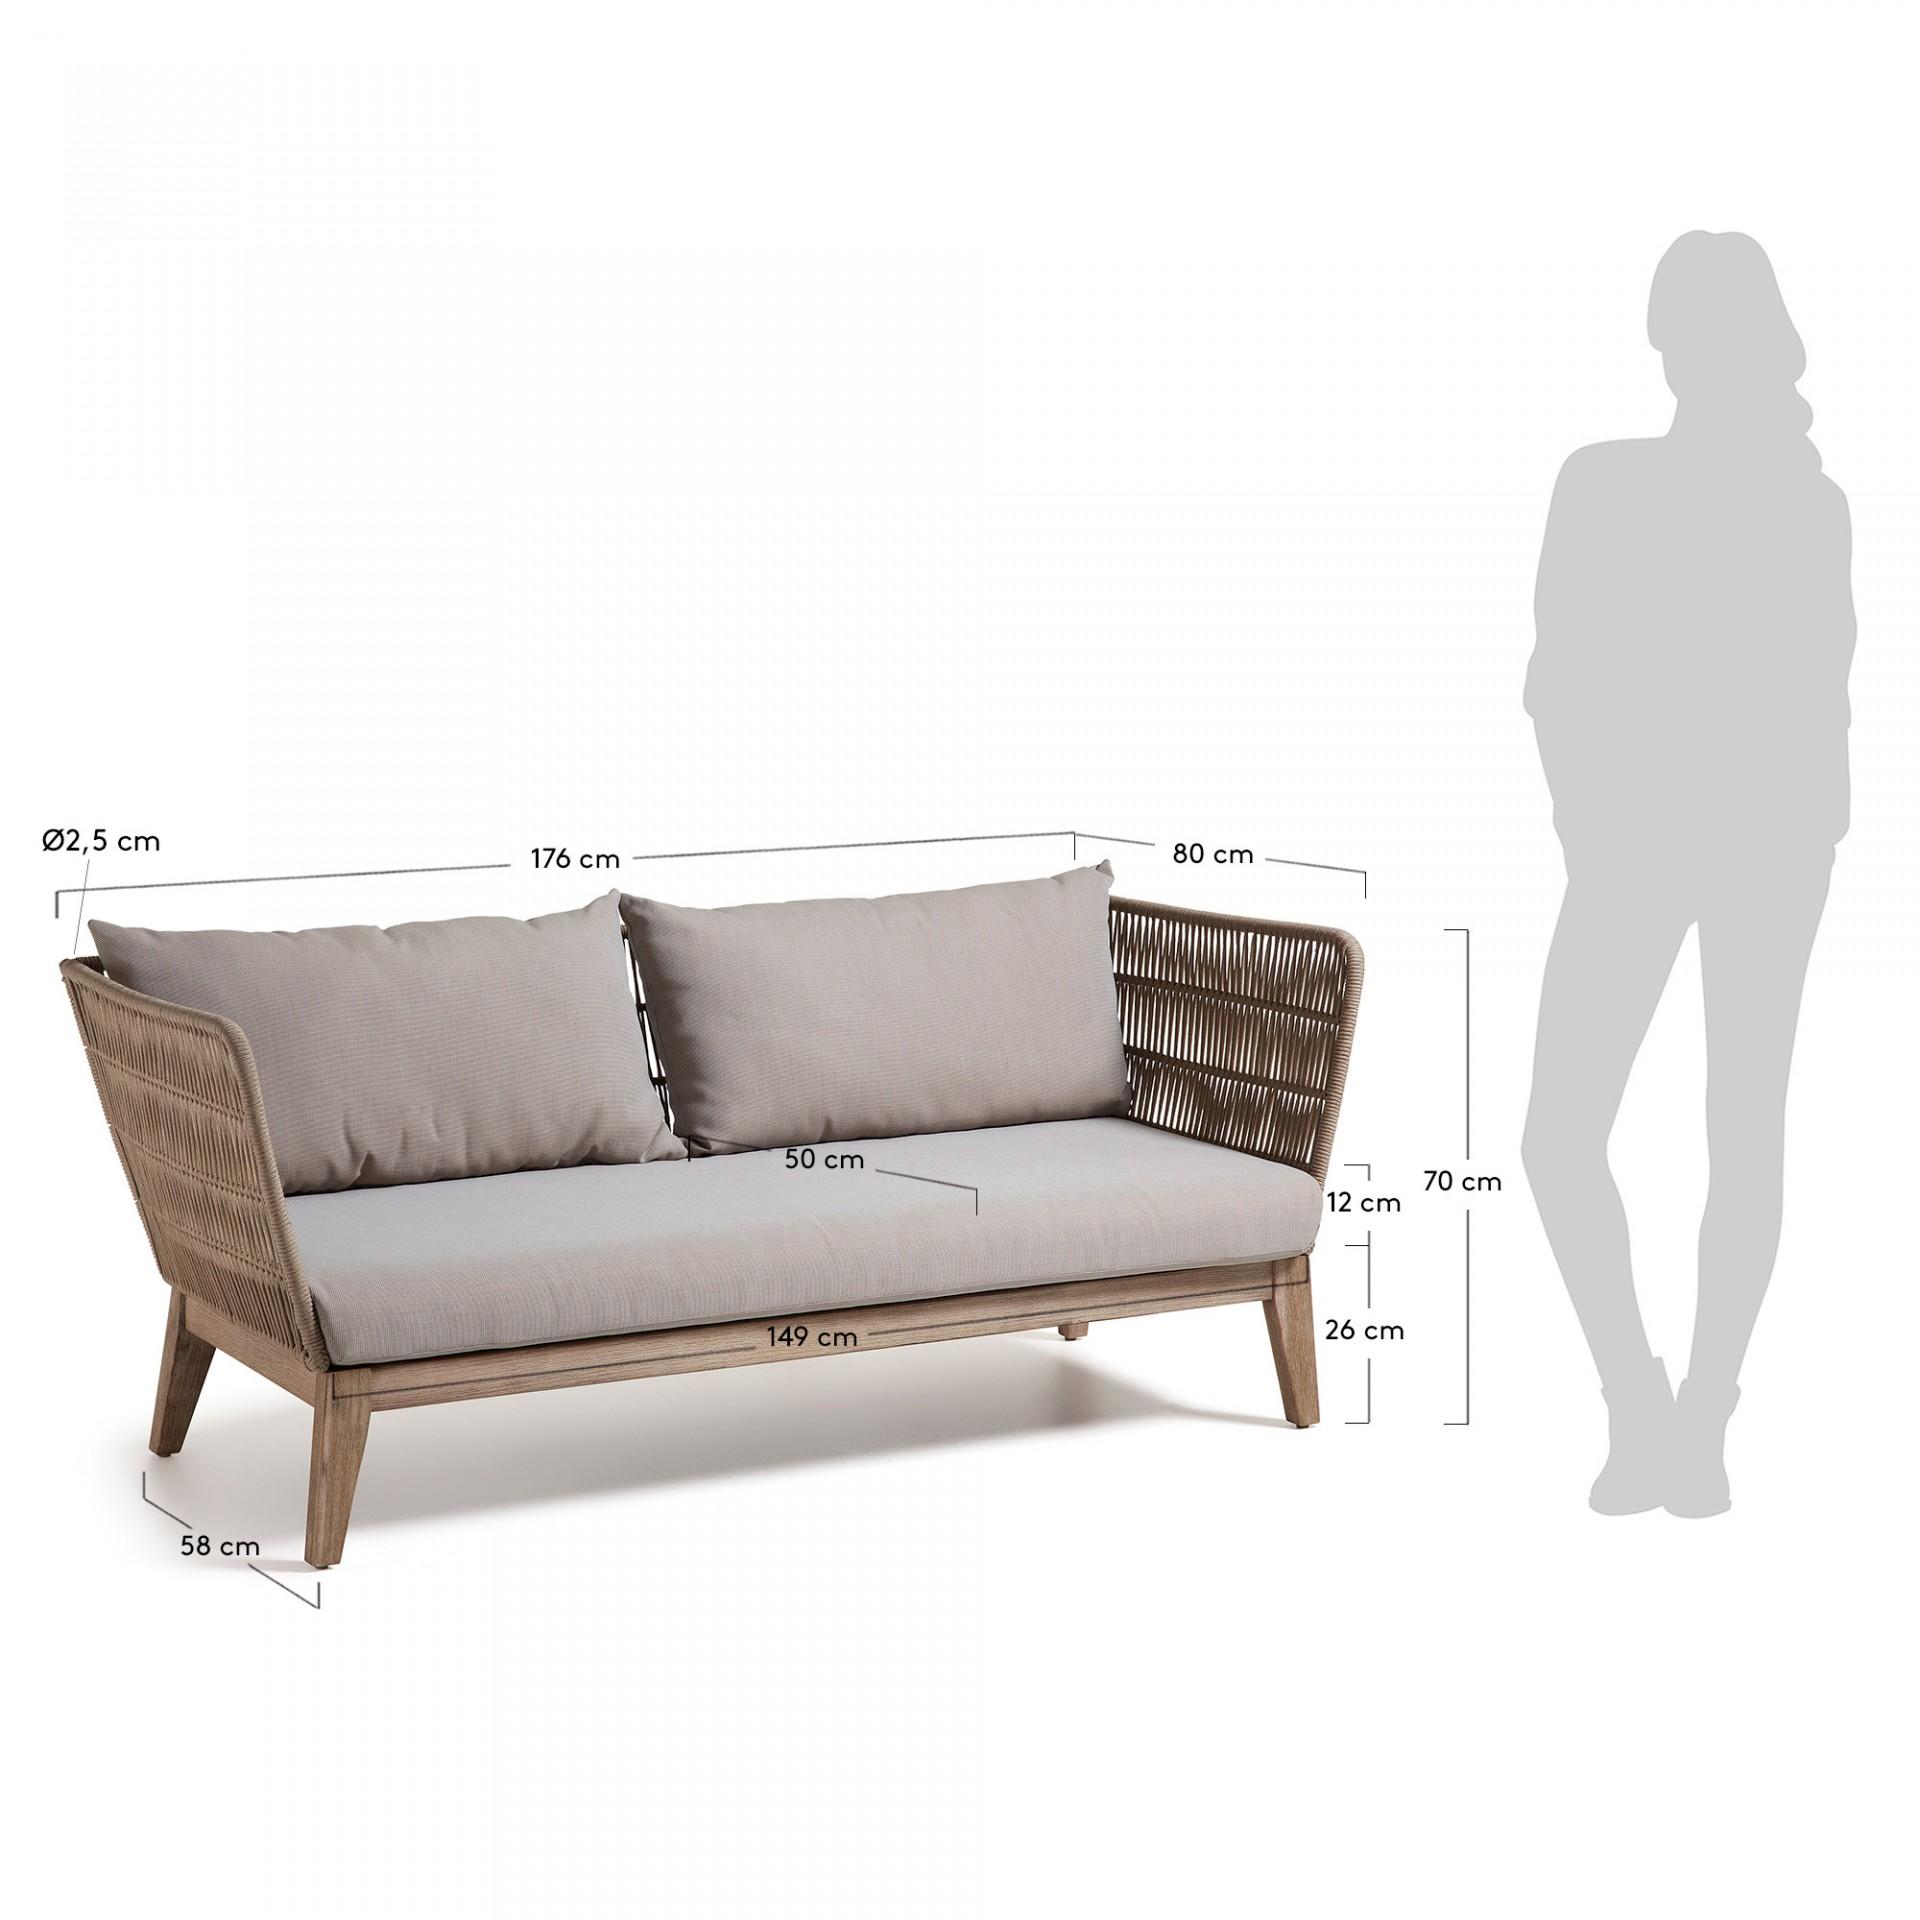 Sofá Bell em madeira de acácia/corda de poliéster, marron, 80x176 cm